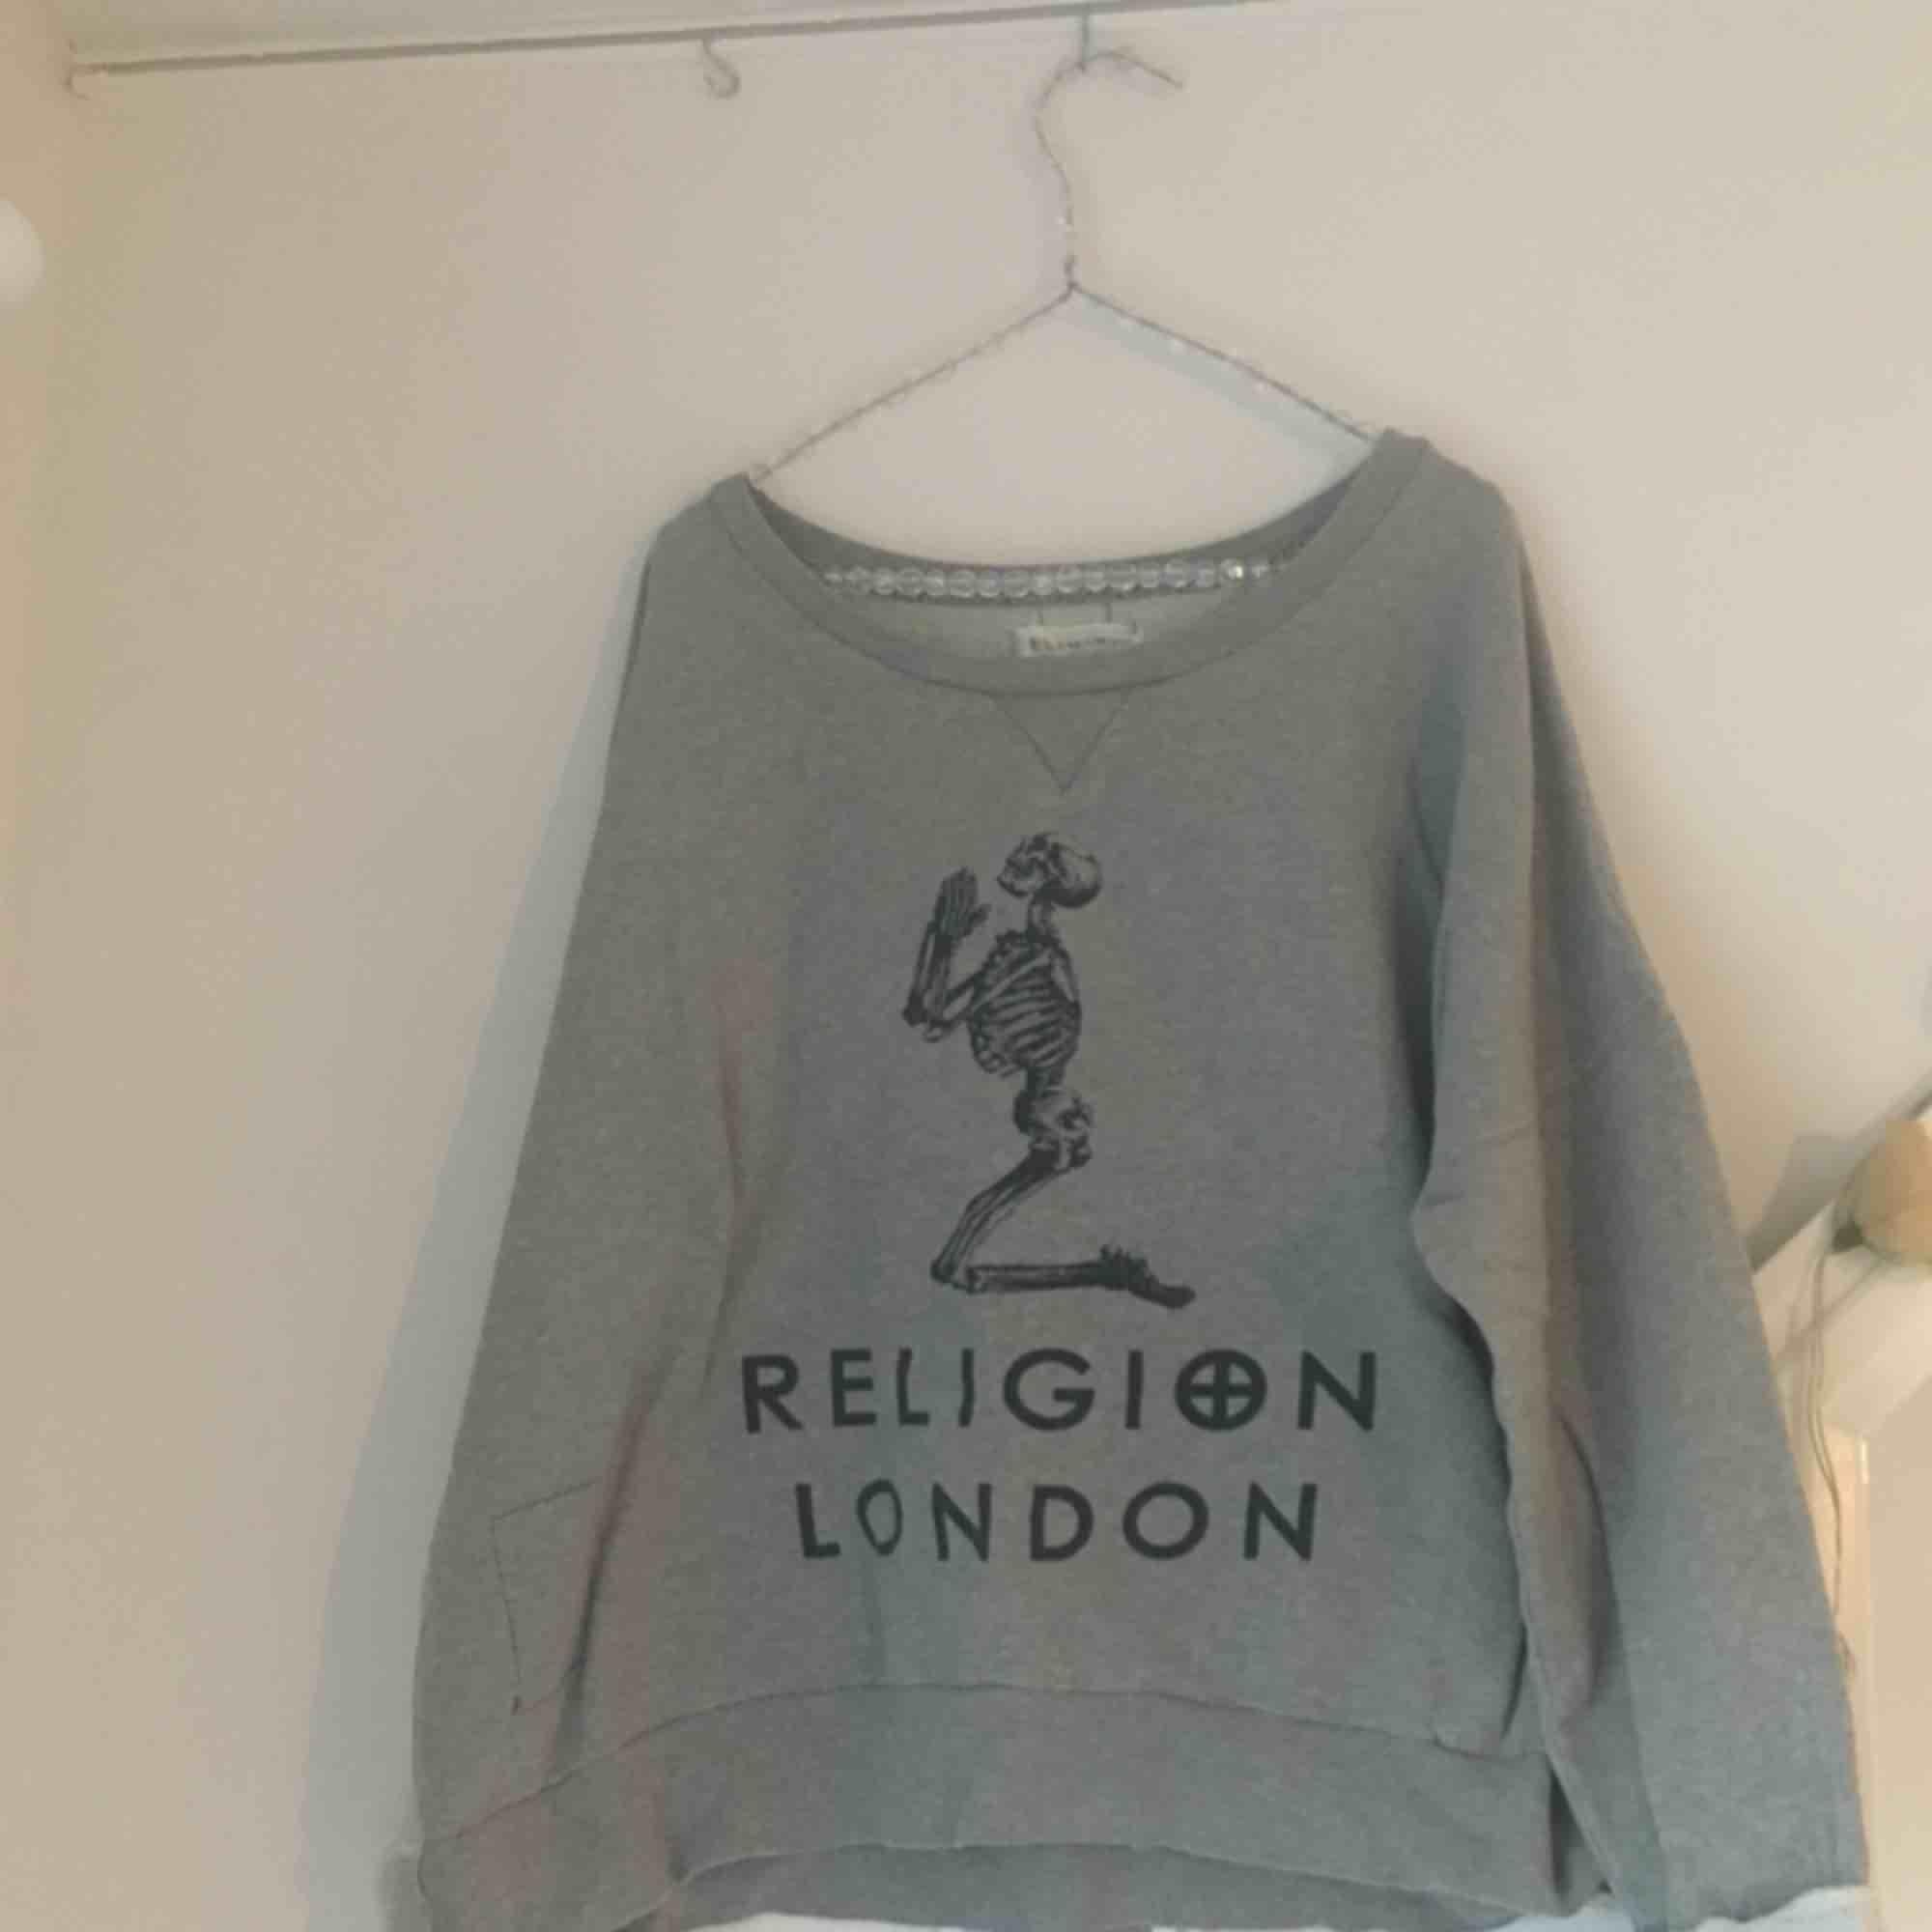 Tröja från Religion London! Passar dom flera storlekarna som over size. Asskön!. Tröjor & Koftor.